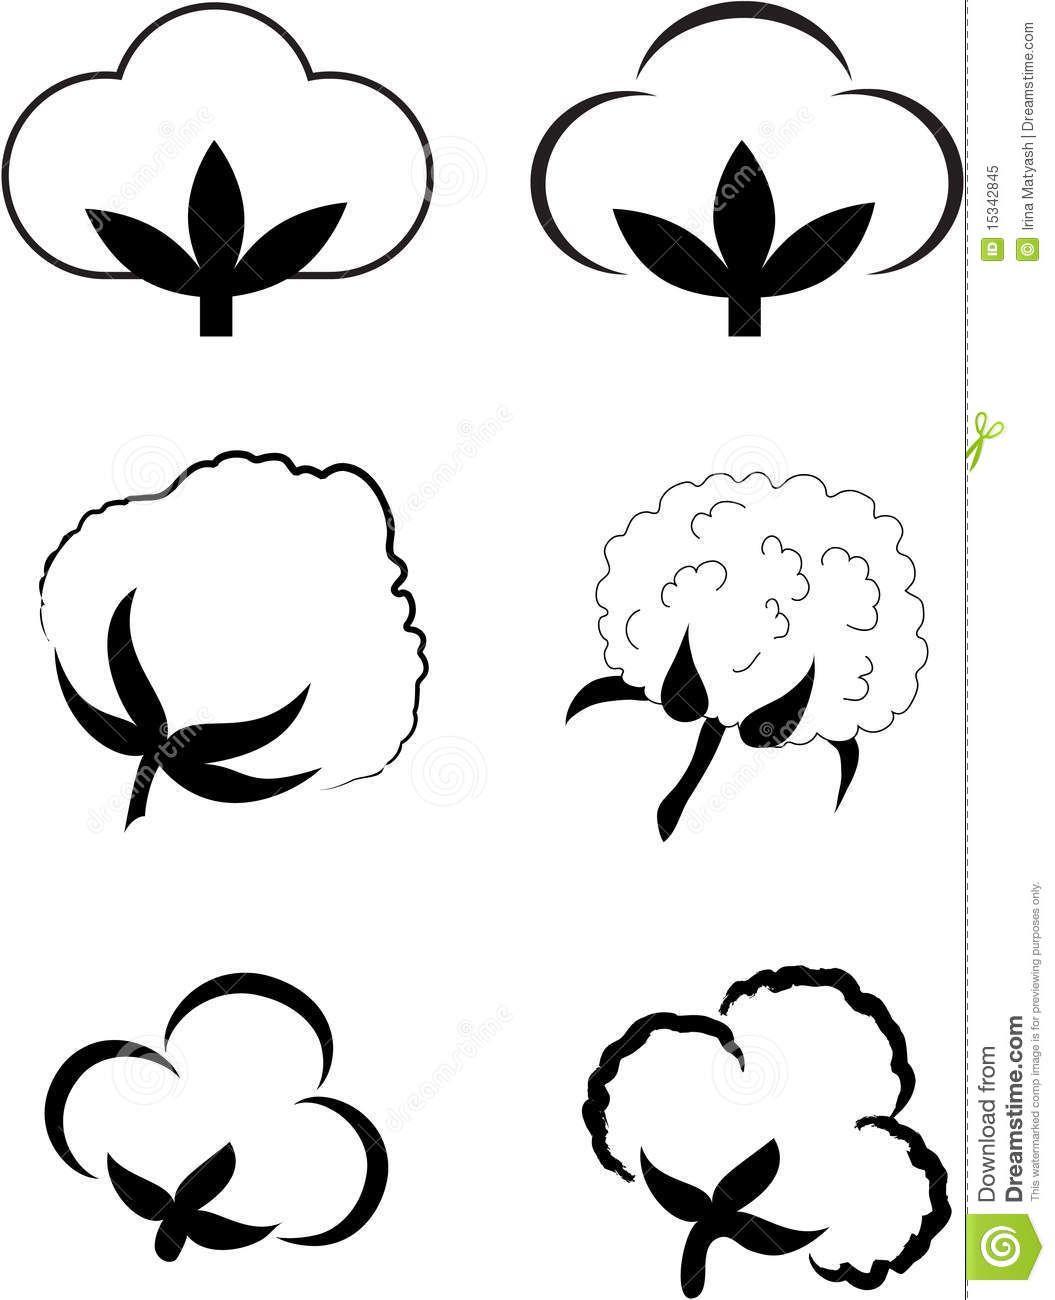 cotton plant images.